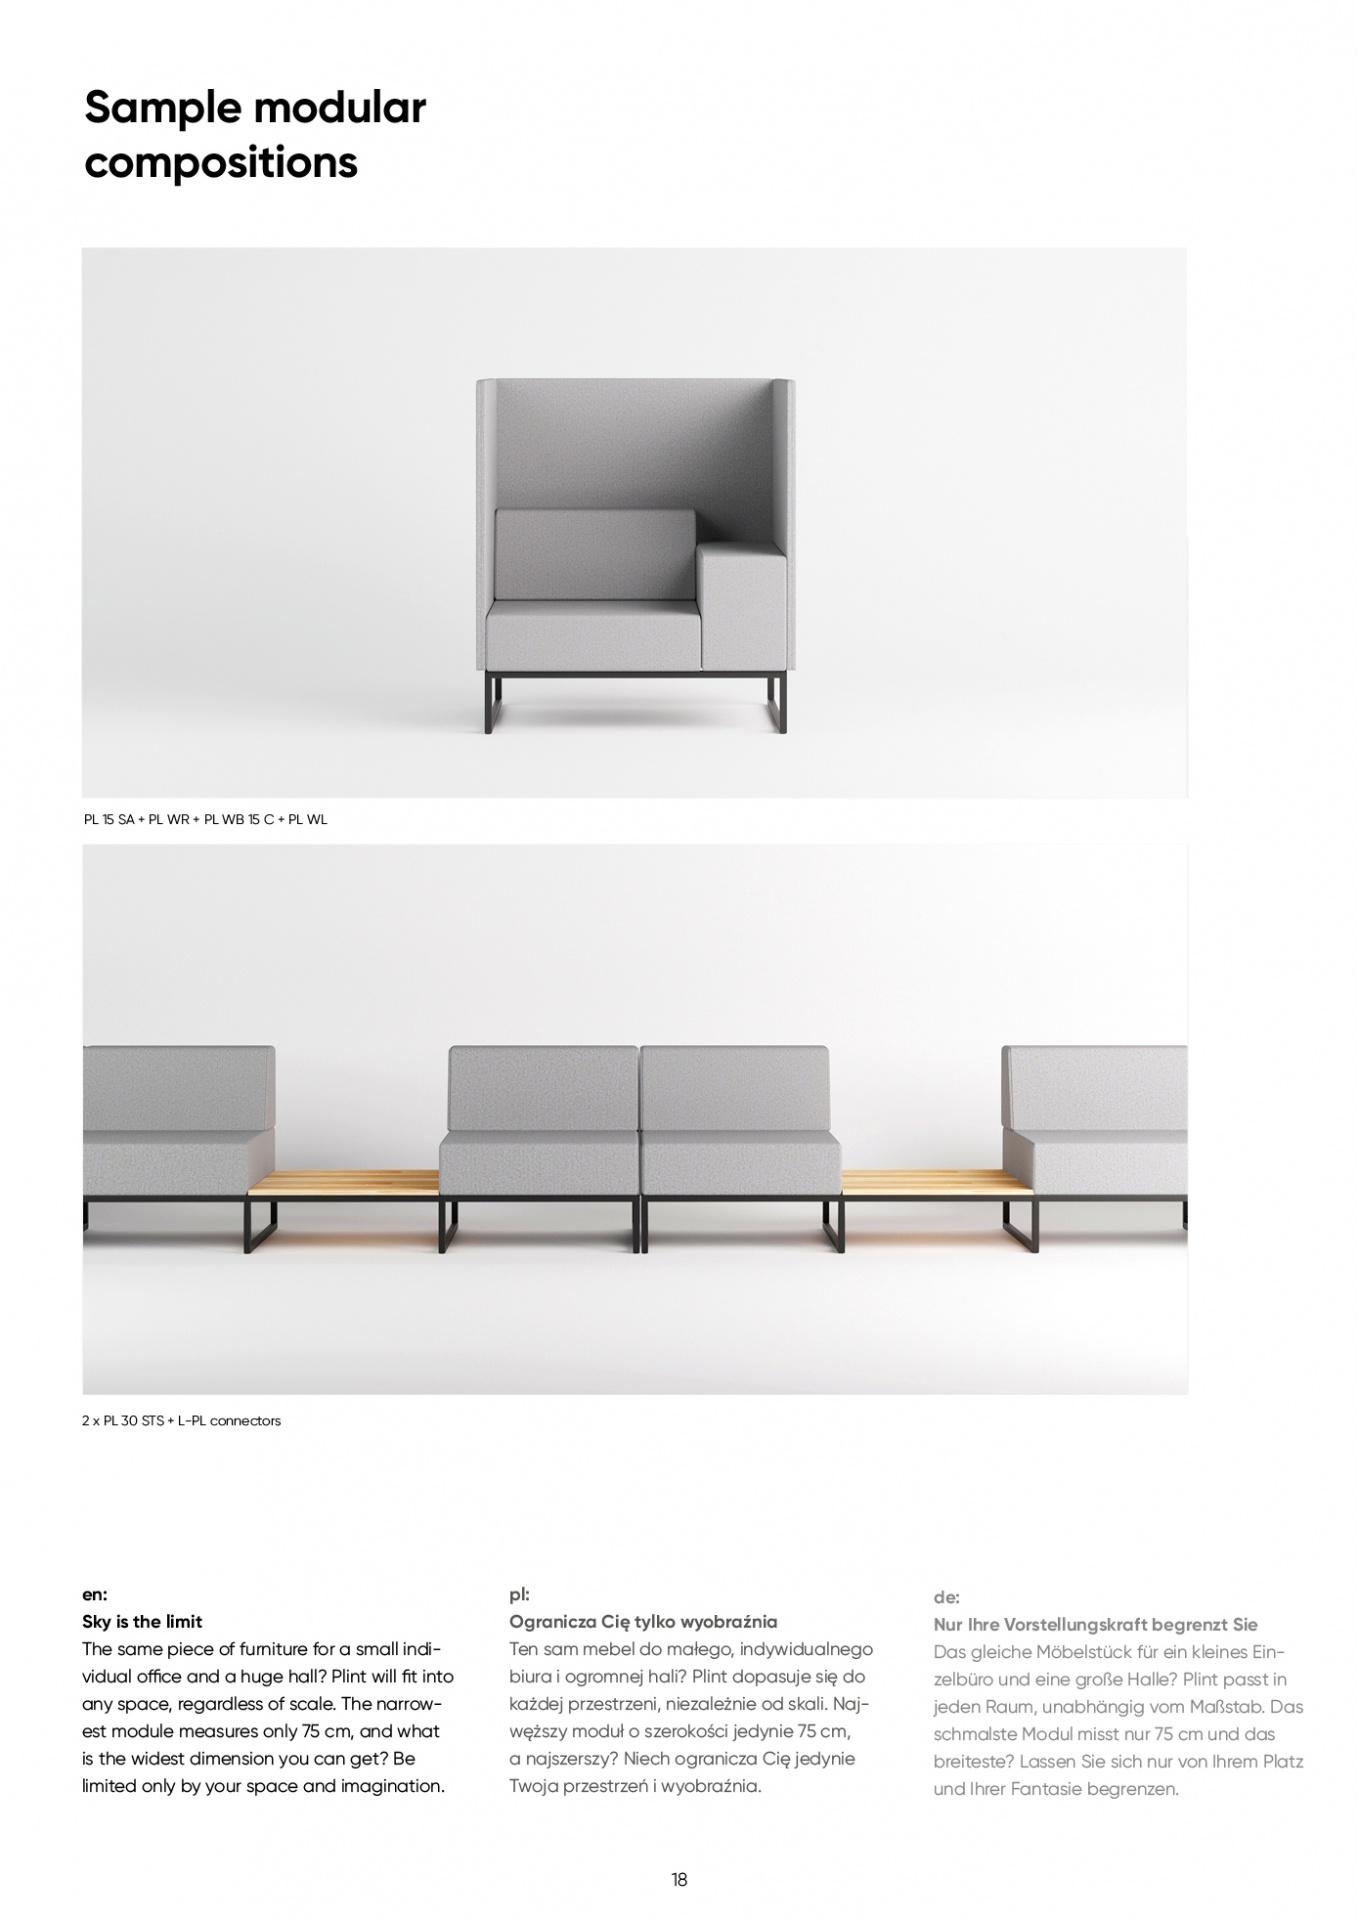 plint-catalogue-v2-18.jpg